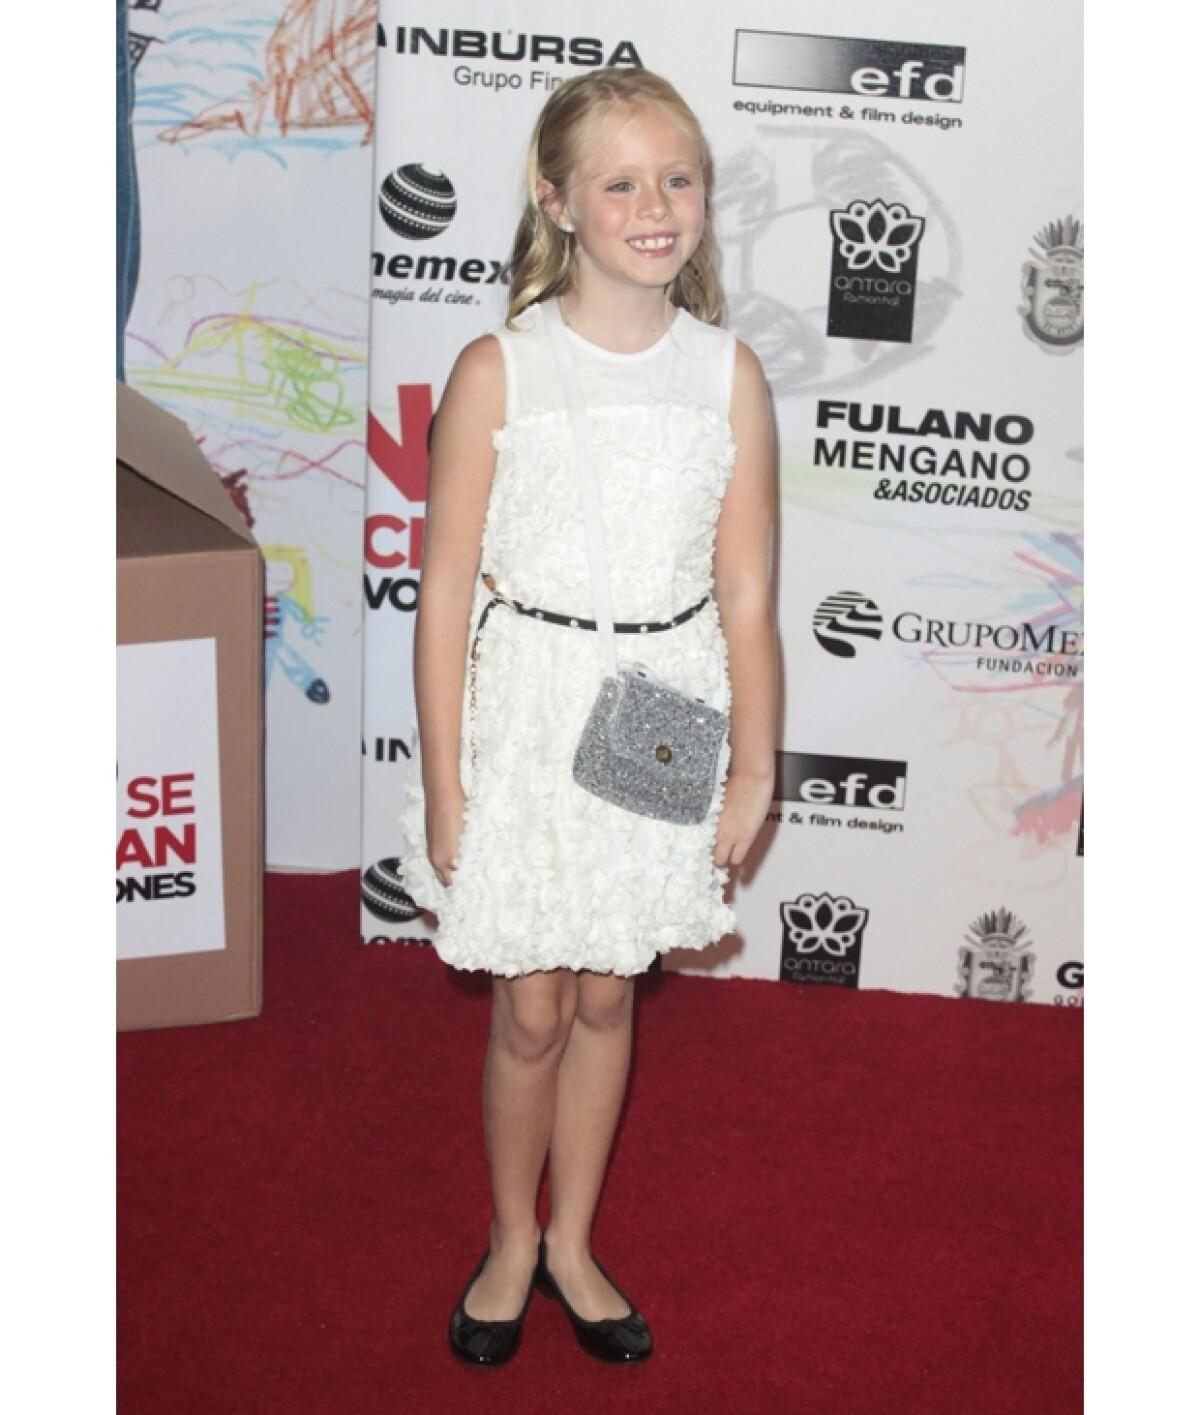 Loreto, nieta de Carlos Peralta, nos cuenta su experiencia como actriz